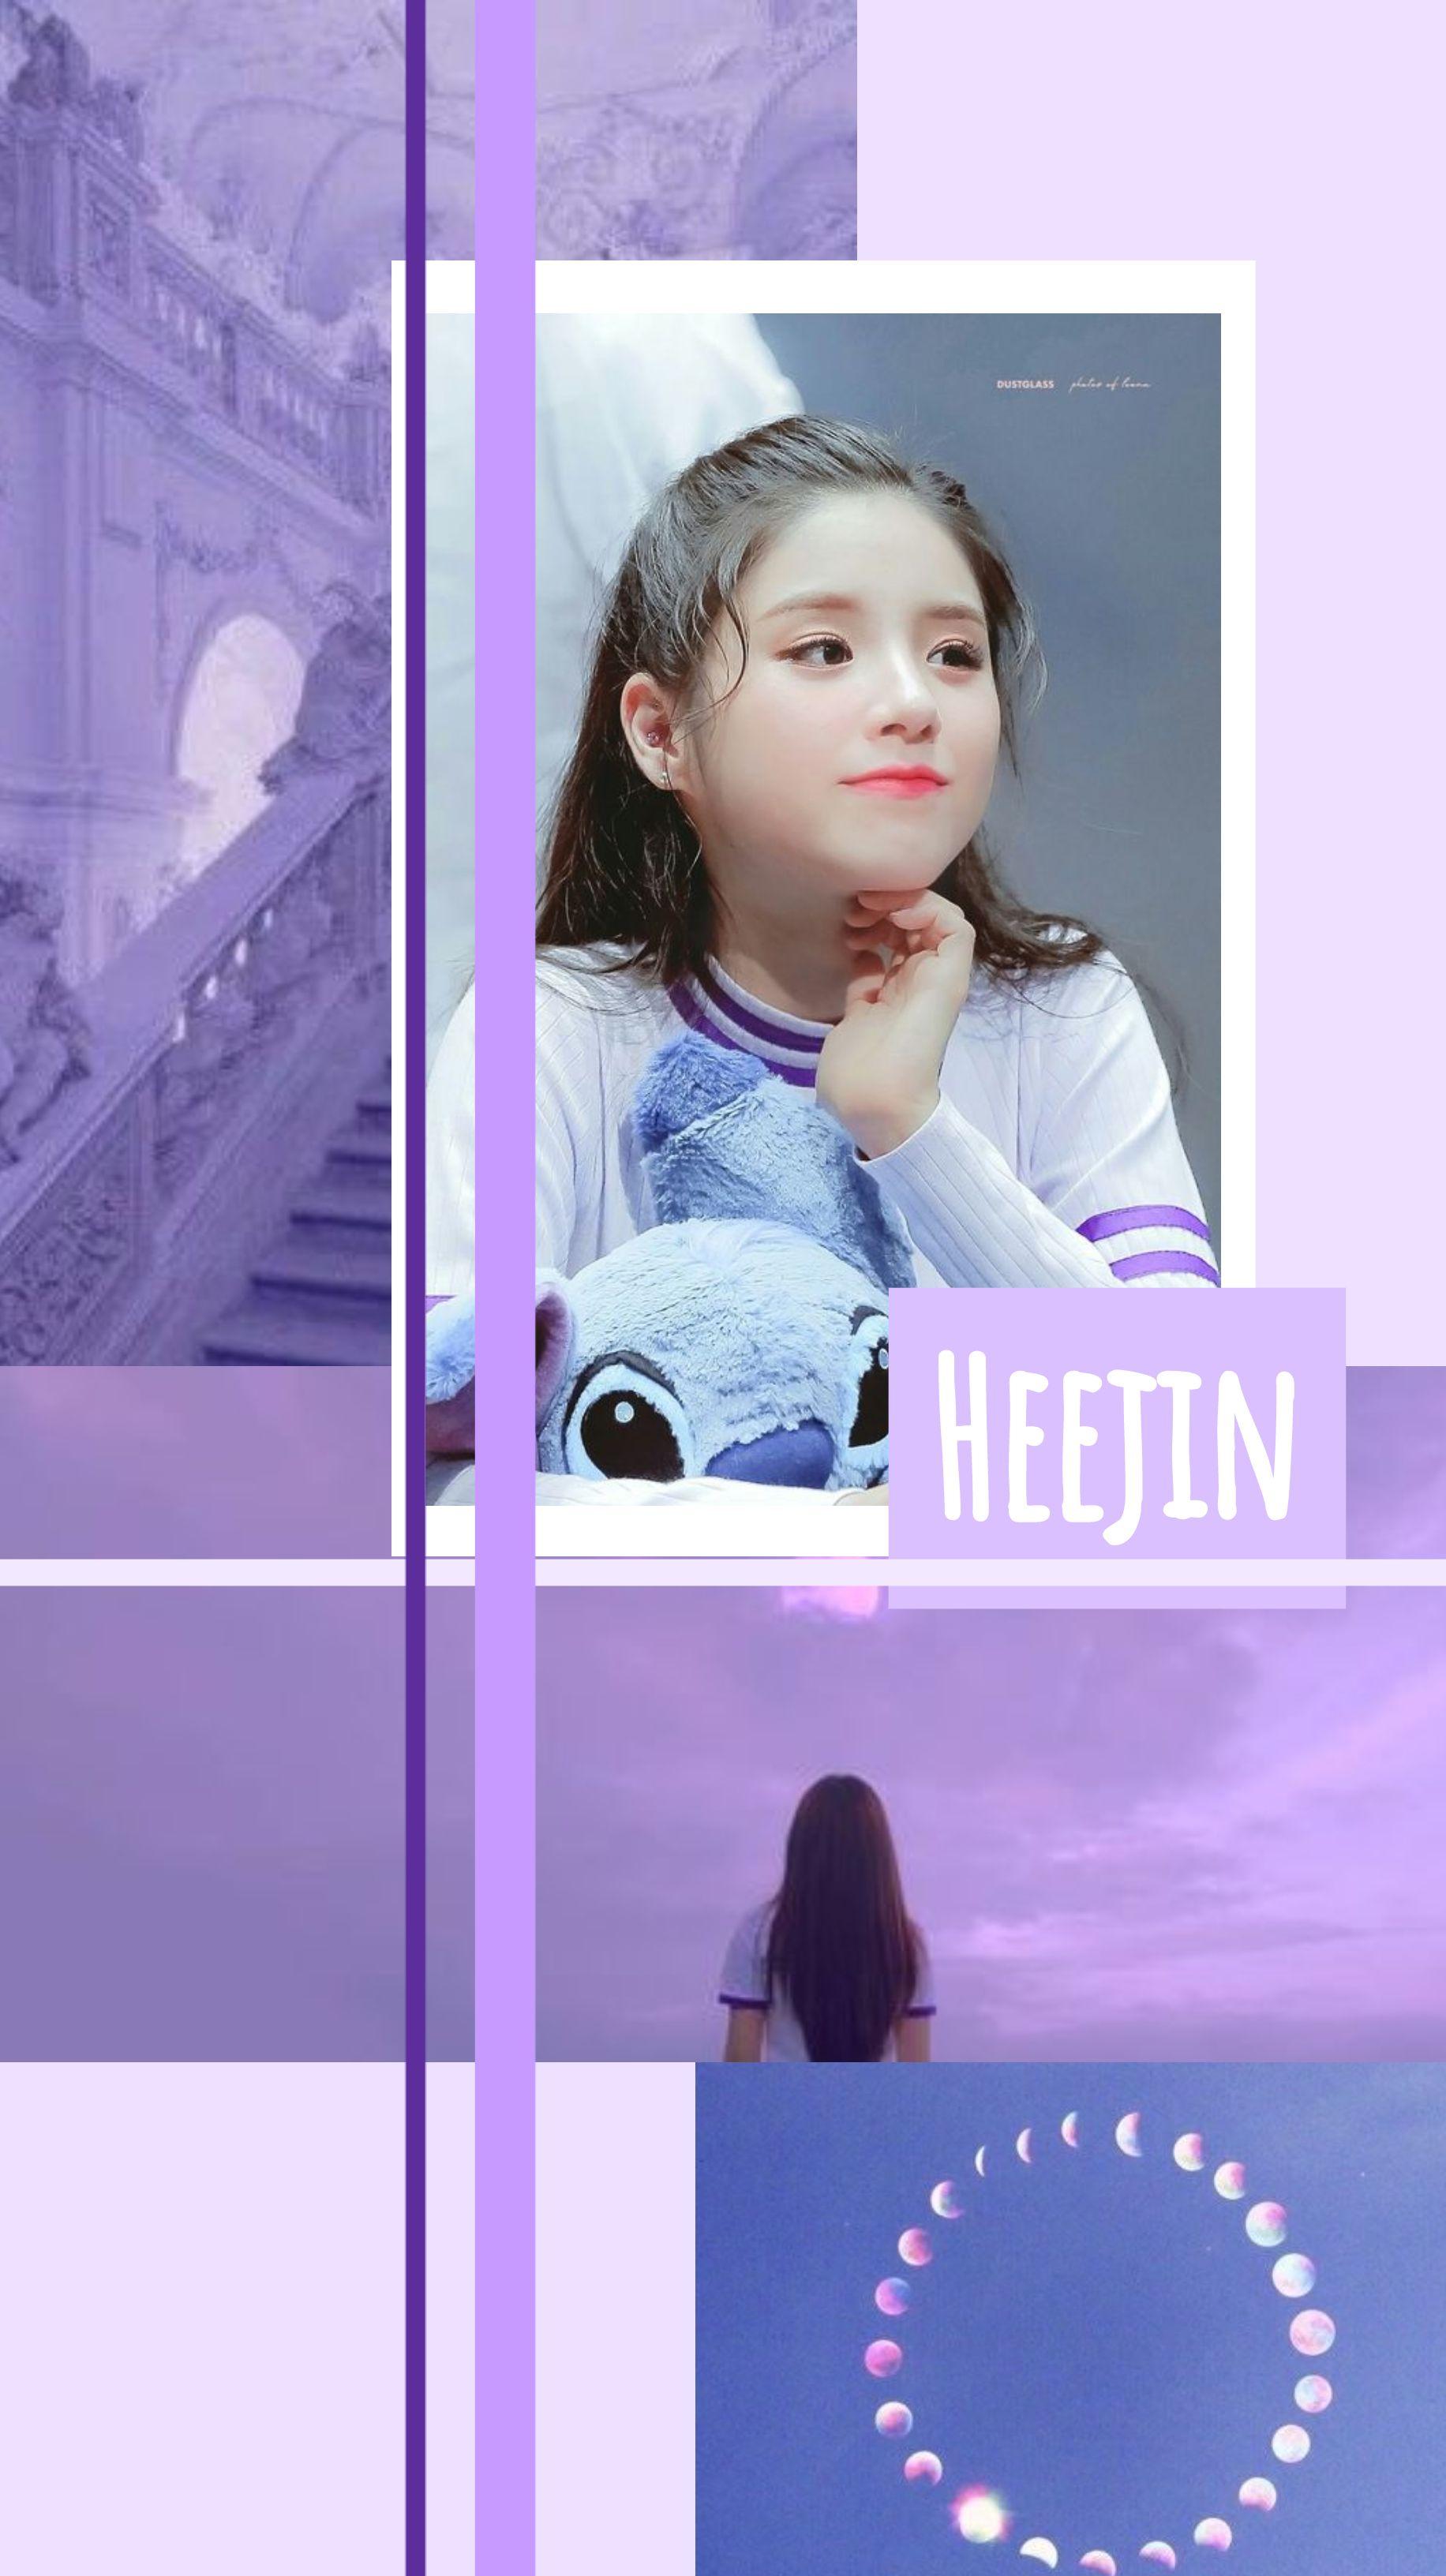 Heejin Purple Wallpaper Fotografi Hujan Fotografi Malam Ungu